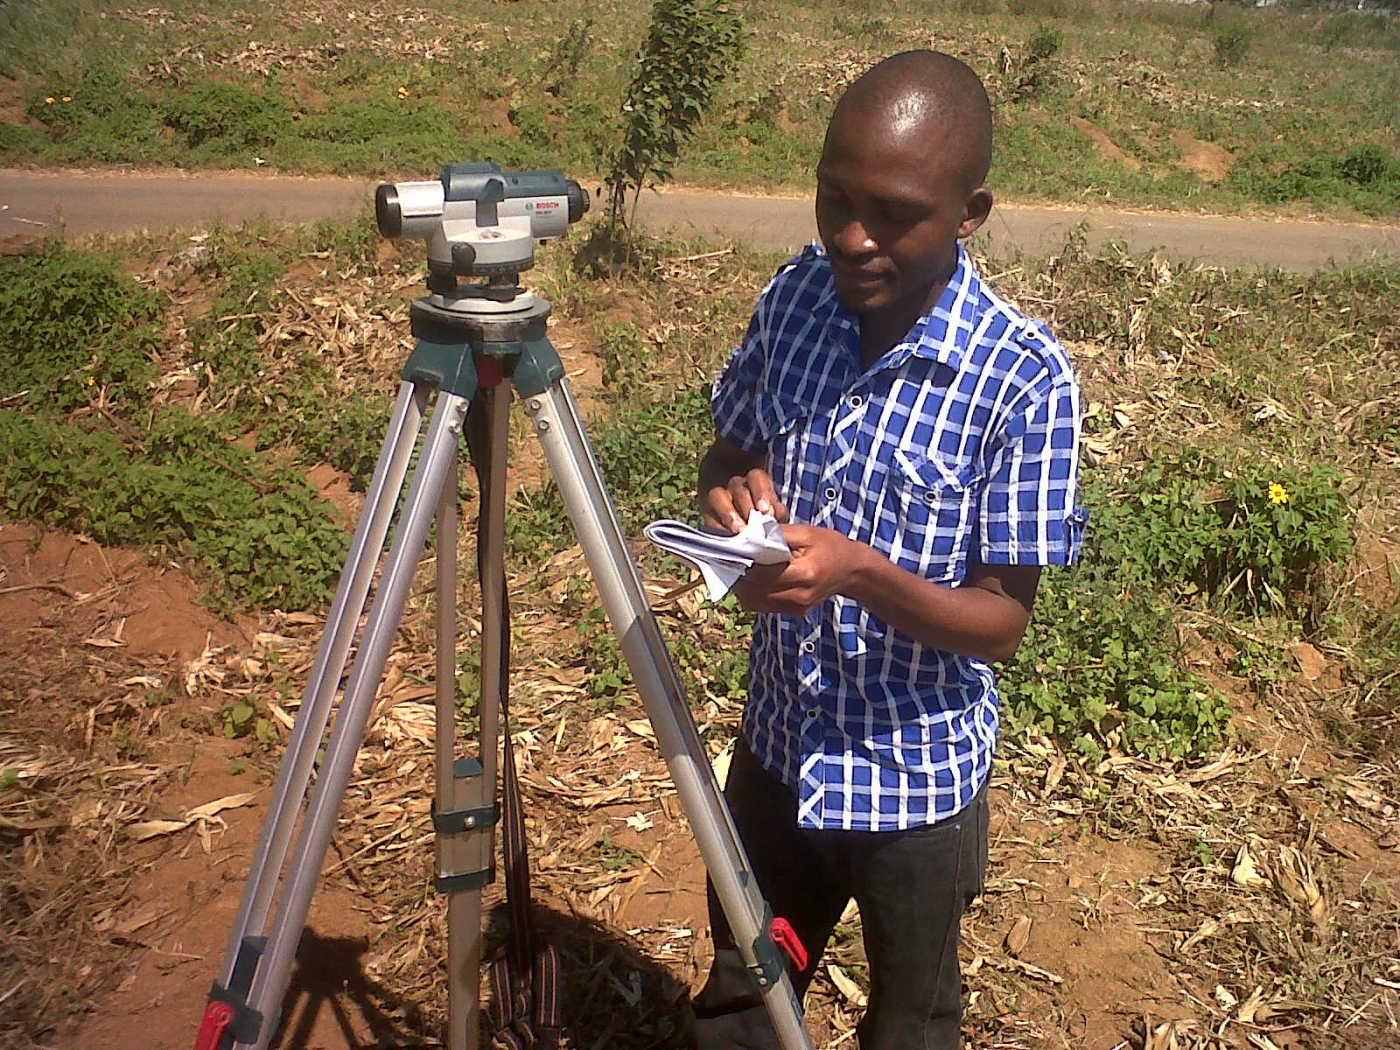 Surveying Malawi